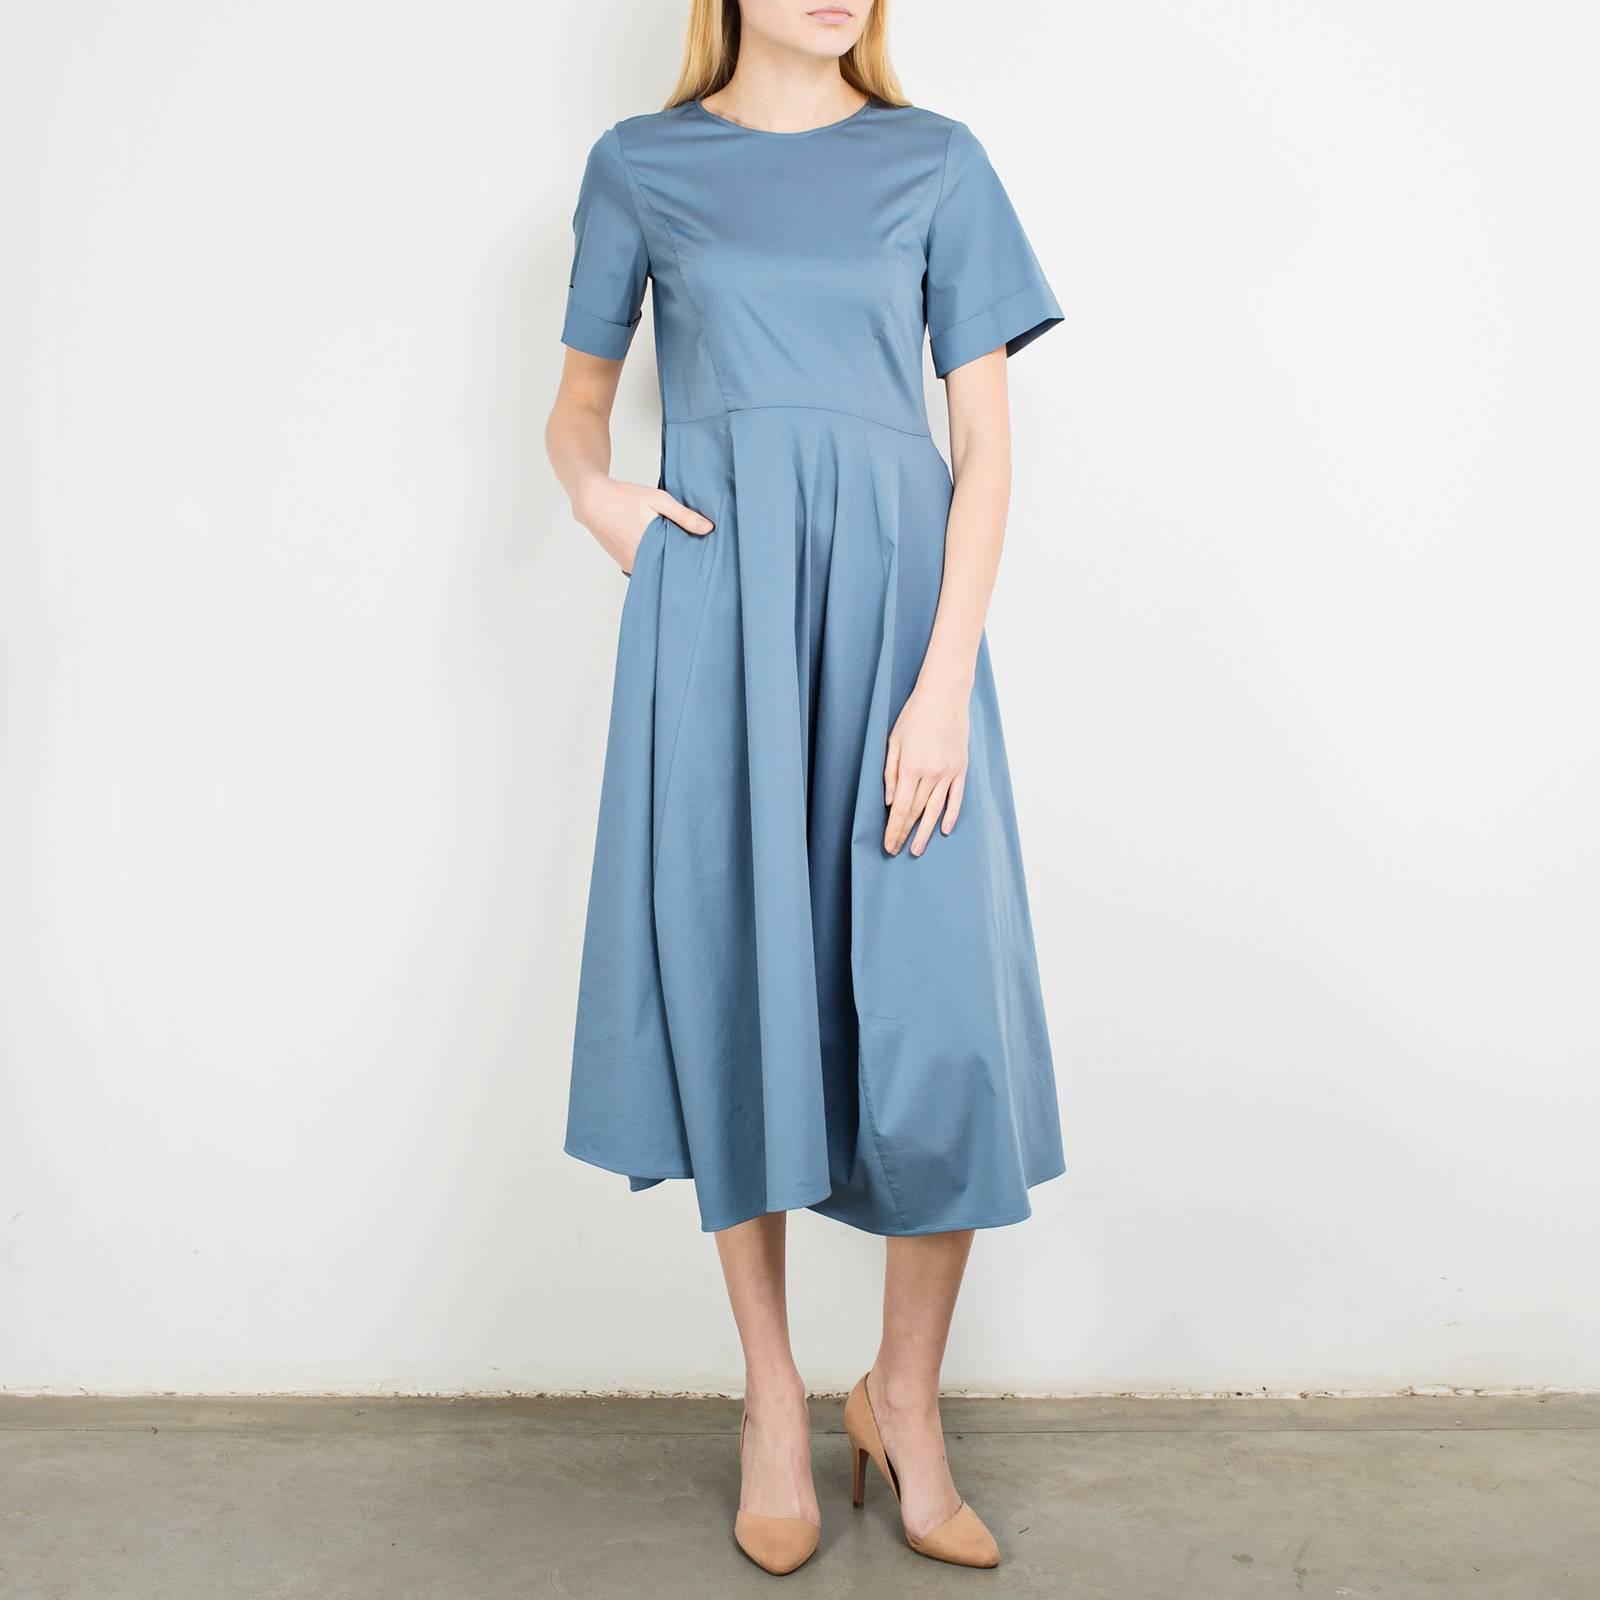 b57b1d6f000 Купить платье Cos в Москве с доставкой по цене 4200 рублей